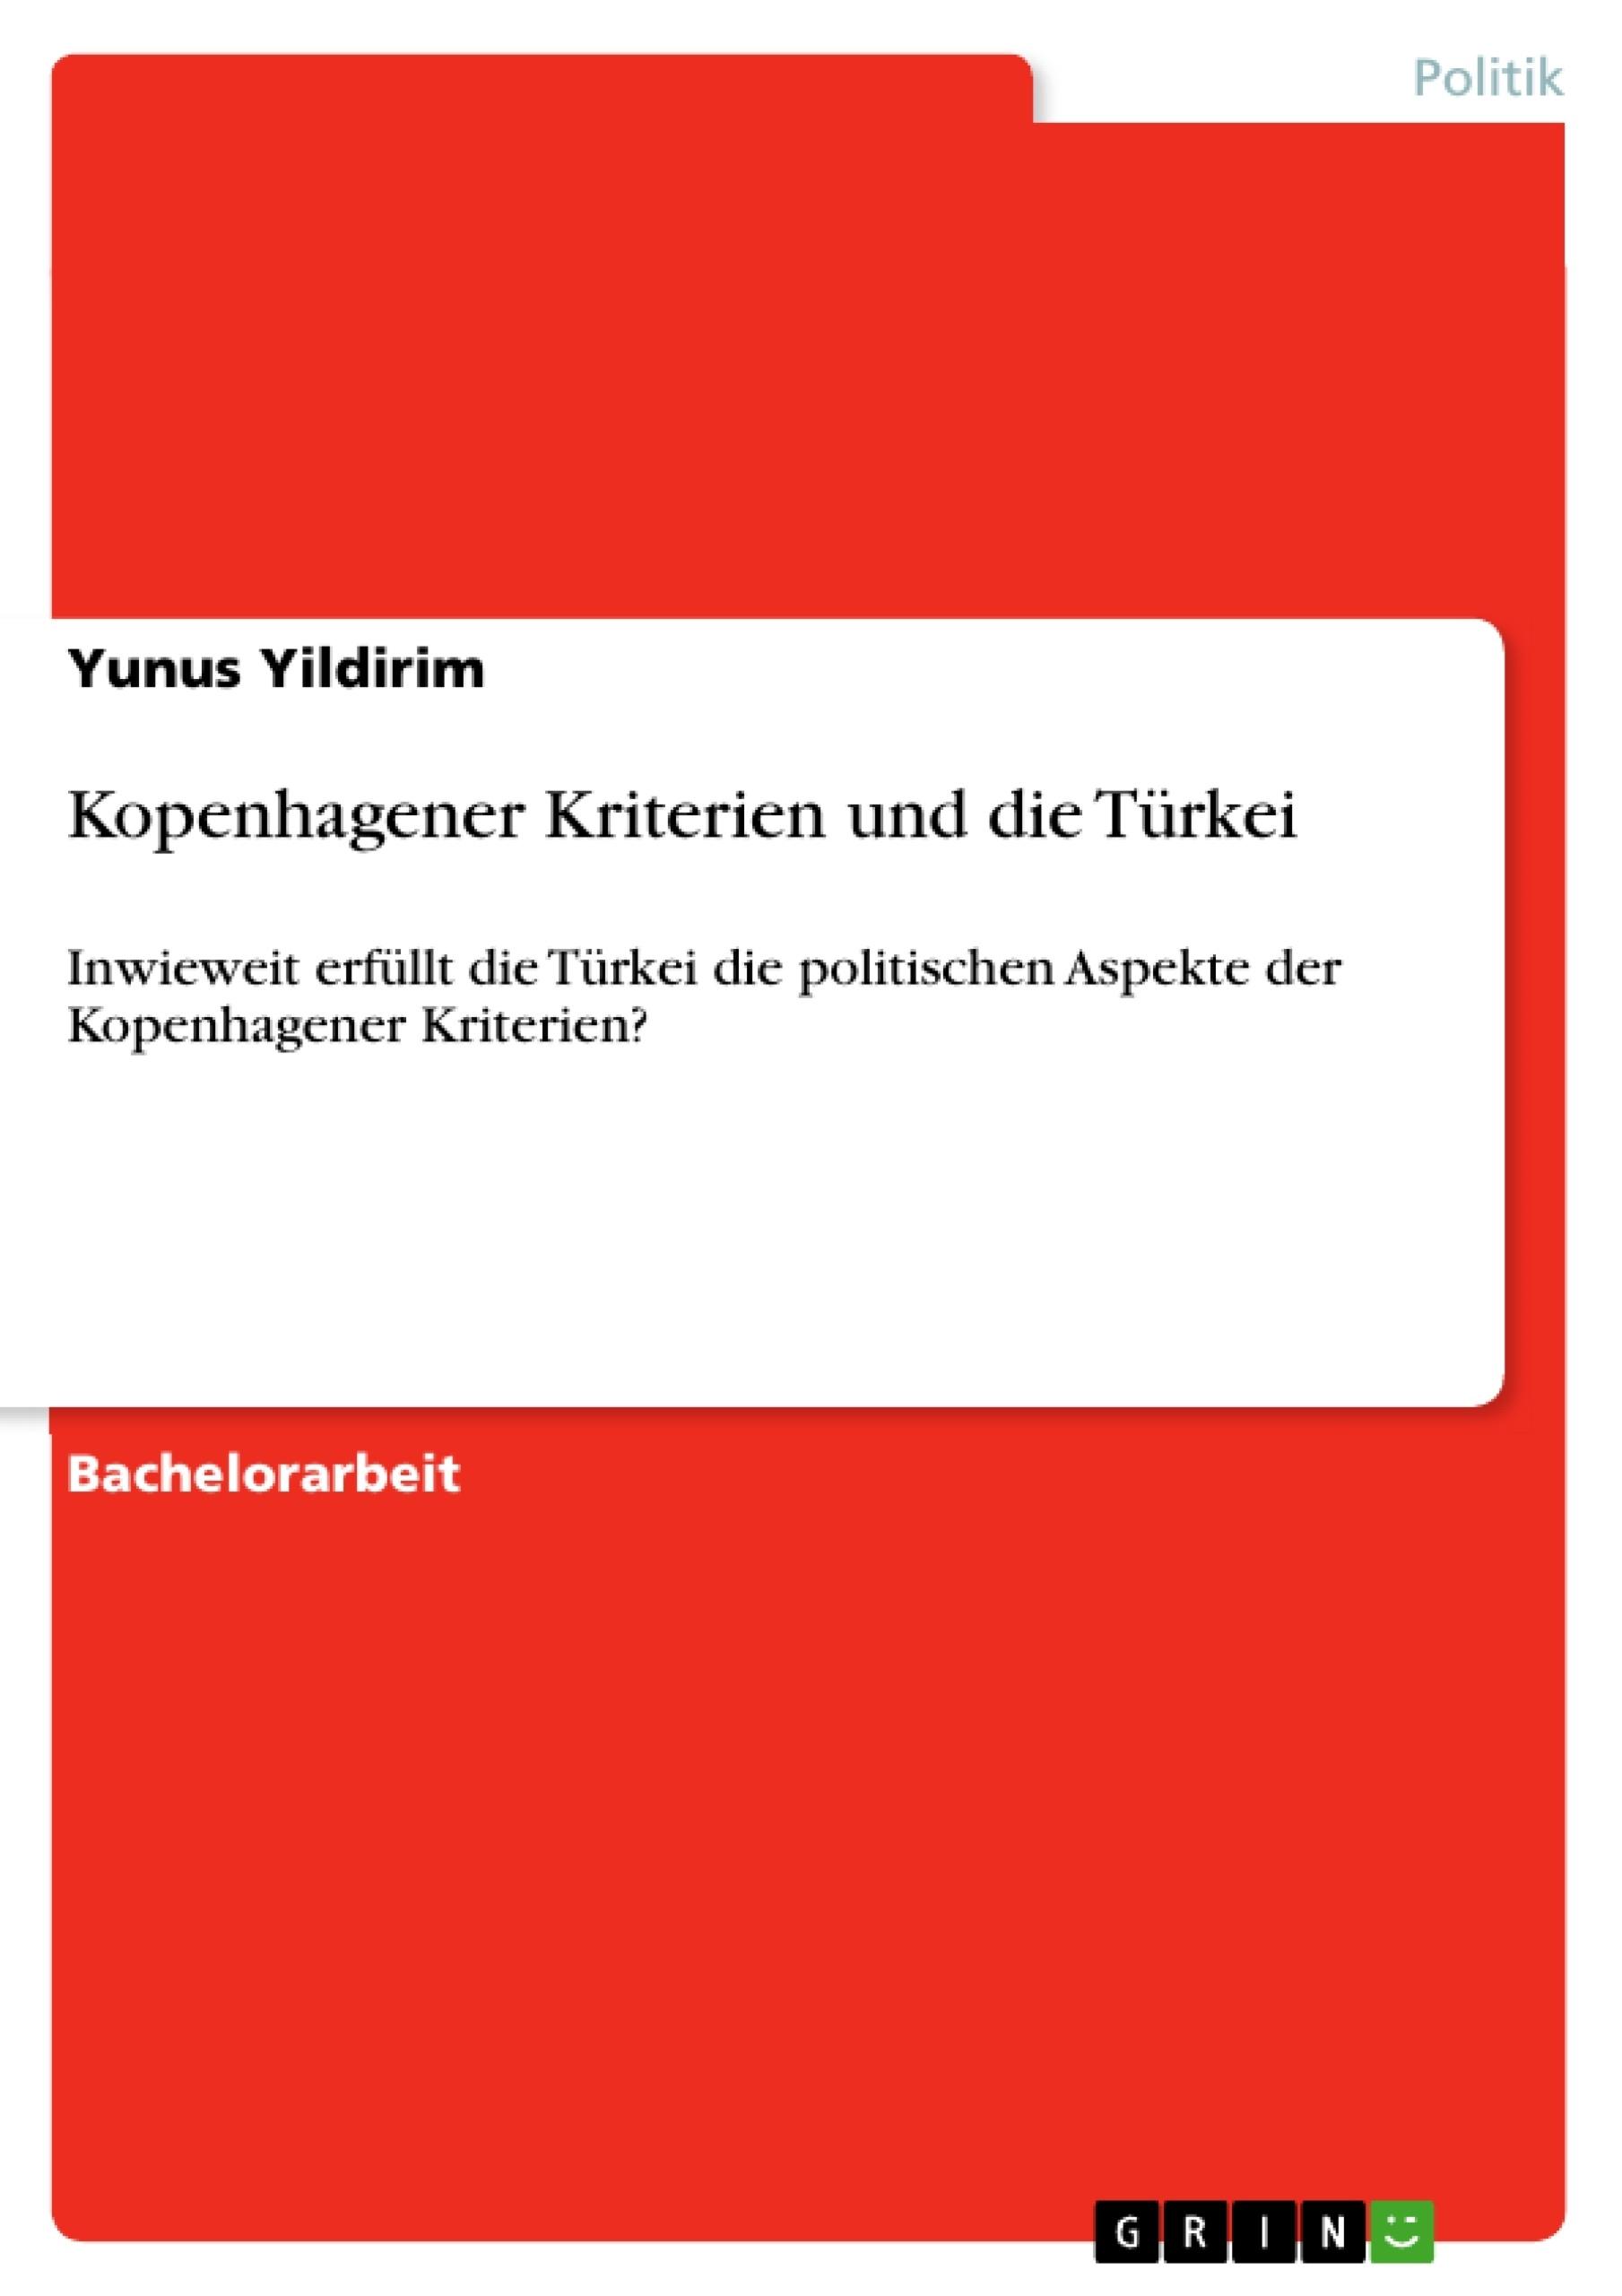 Kopenhagener Kriterien und die Türkei | Masterarbeit, Hausarbeit ...